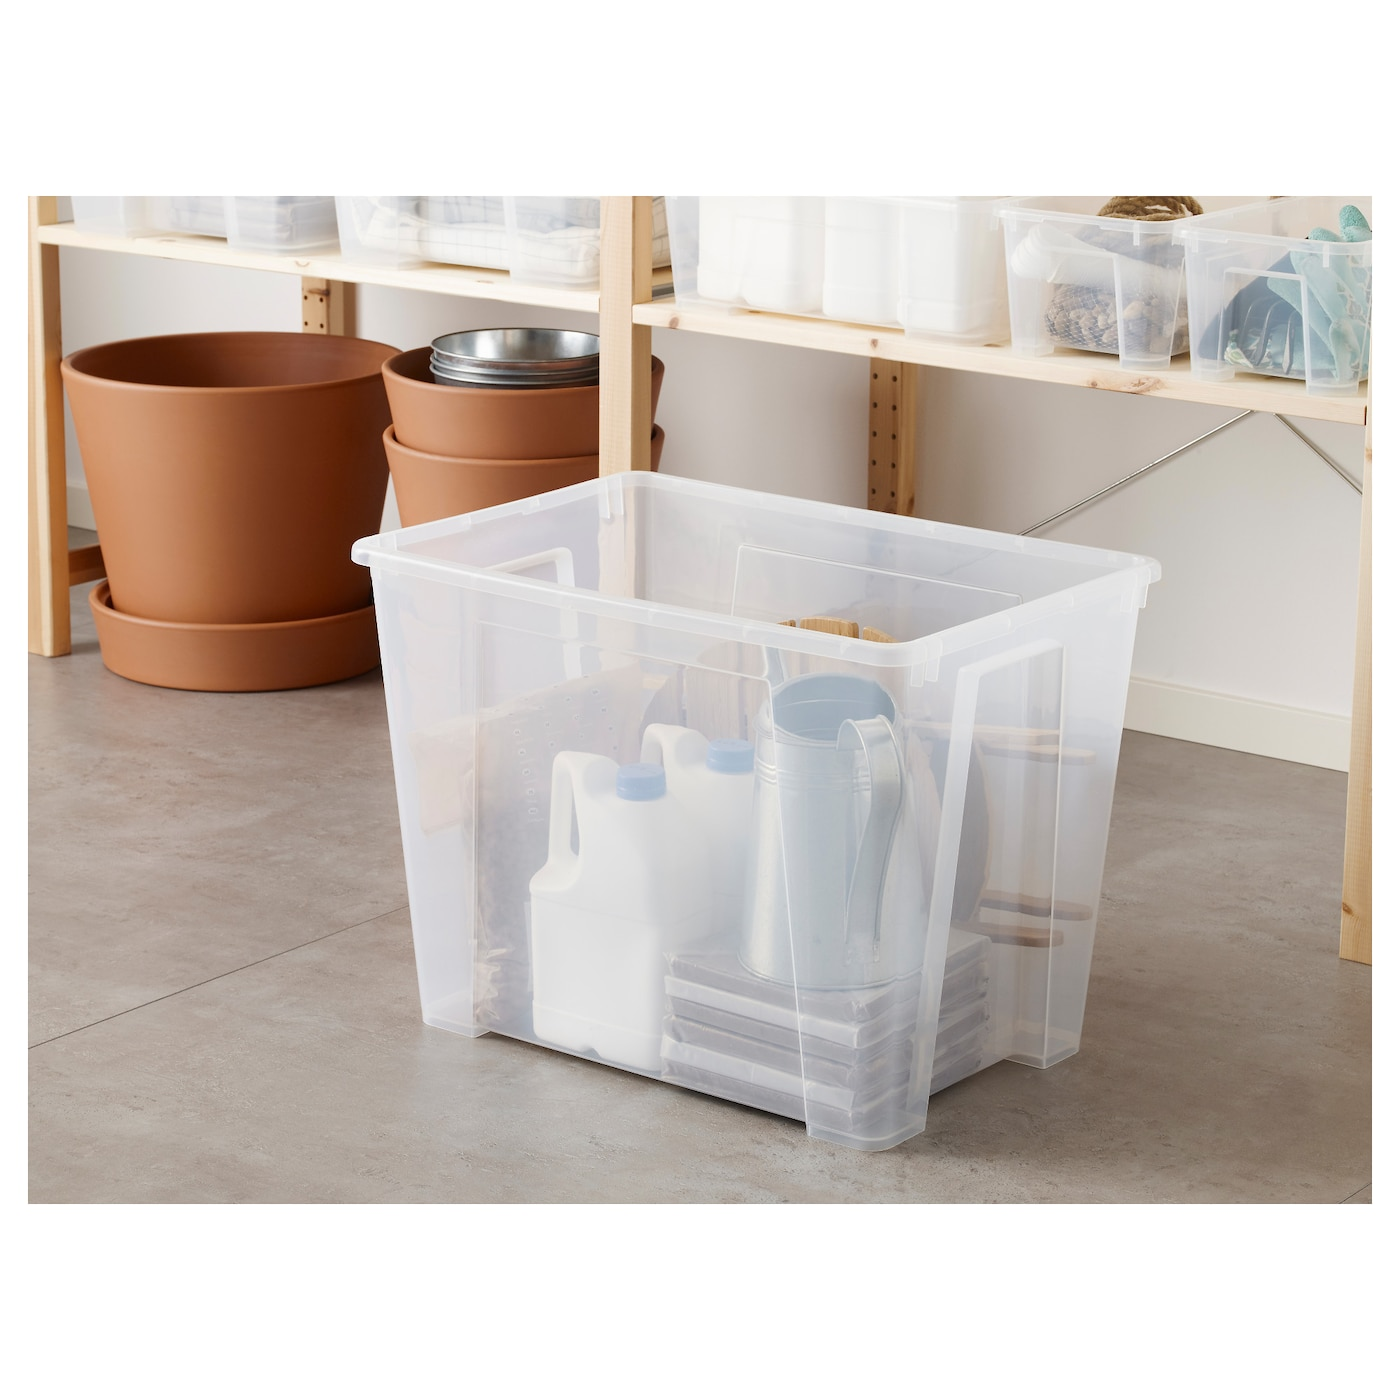 SAMLA låda transparent 56 cm 39 cm 42 cm 65 l